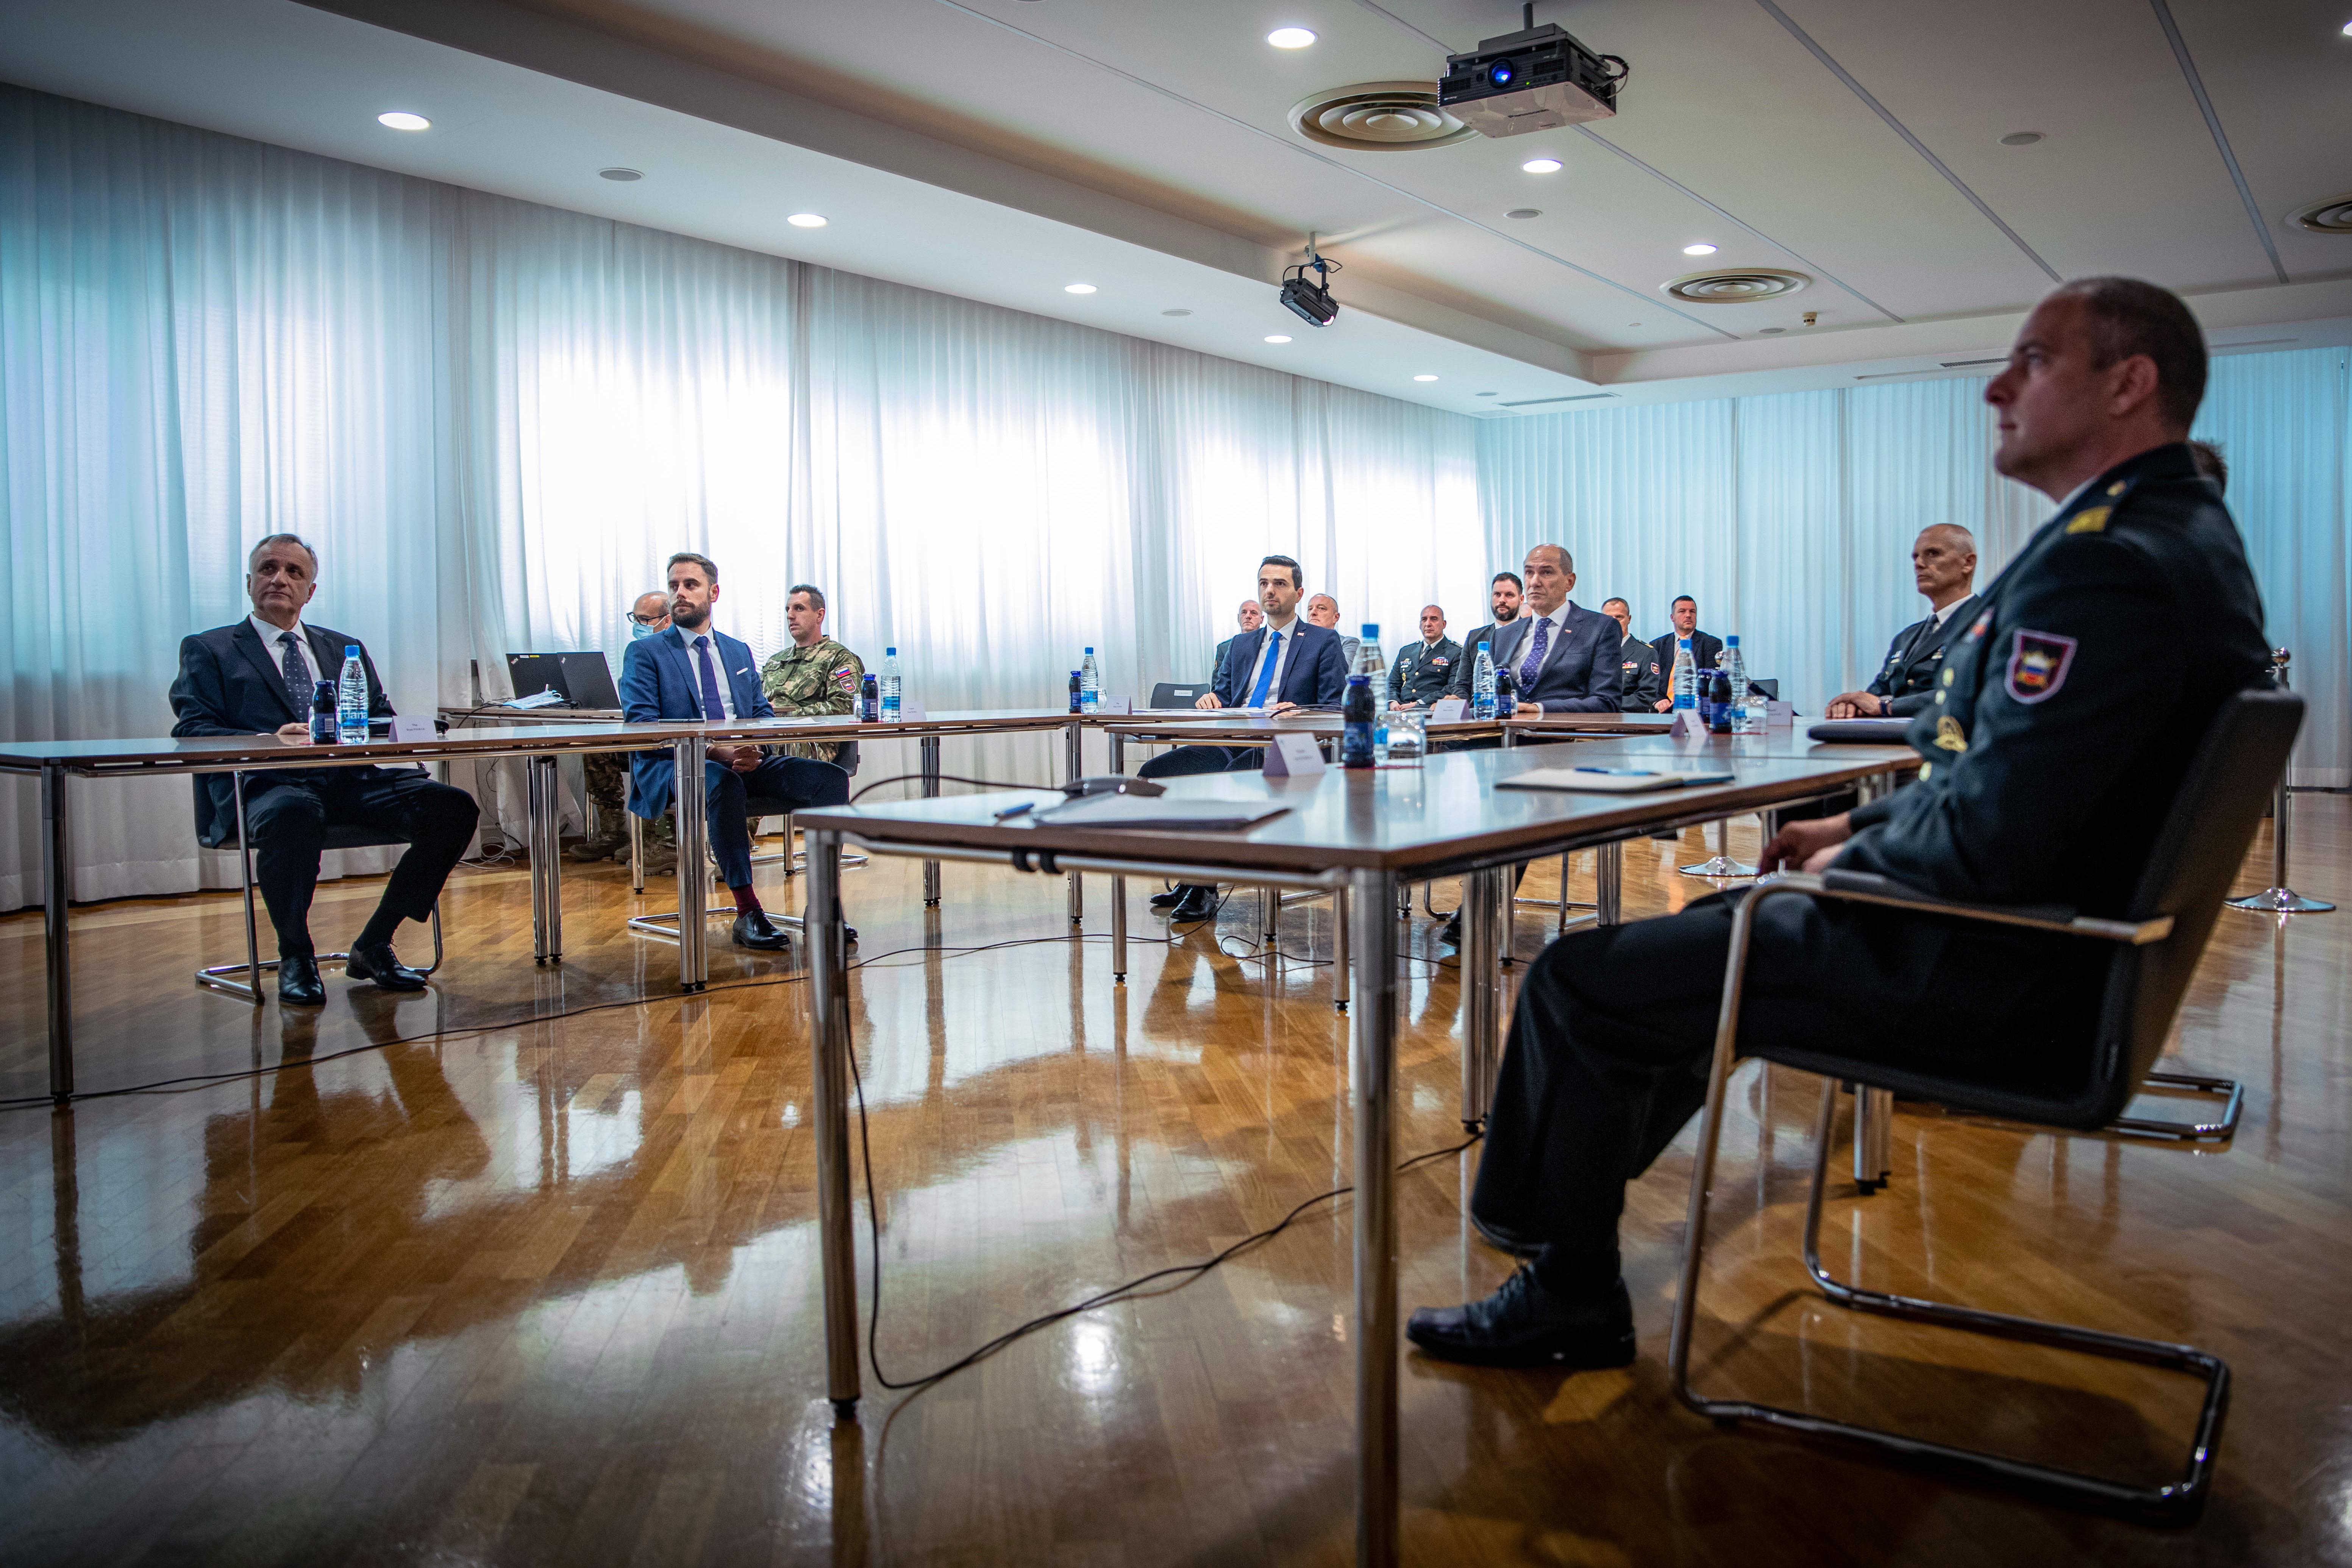 Predsednik vlade Janez Janša pred dnevom državnosti prek avdio-videokonference nagovoril pripadnice in pripadnike Slovenske vojske.